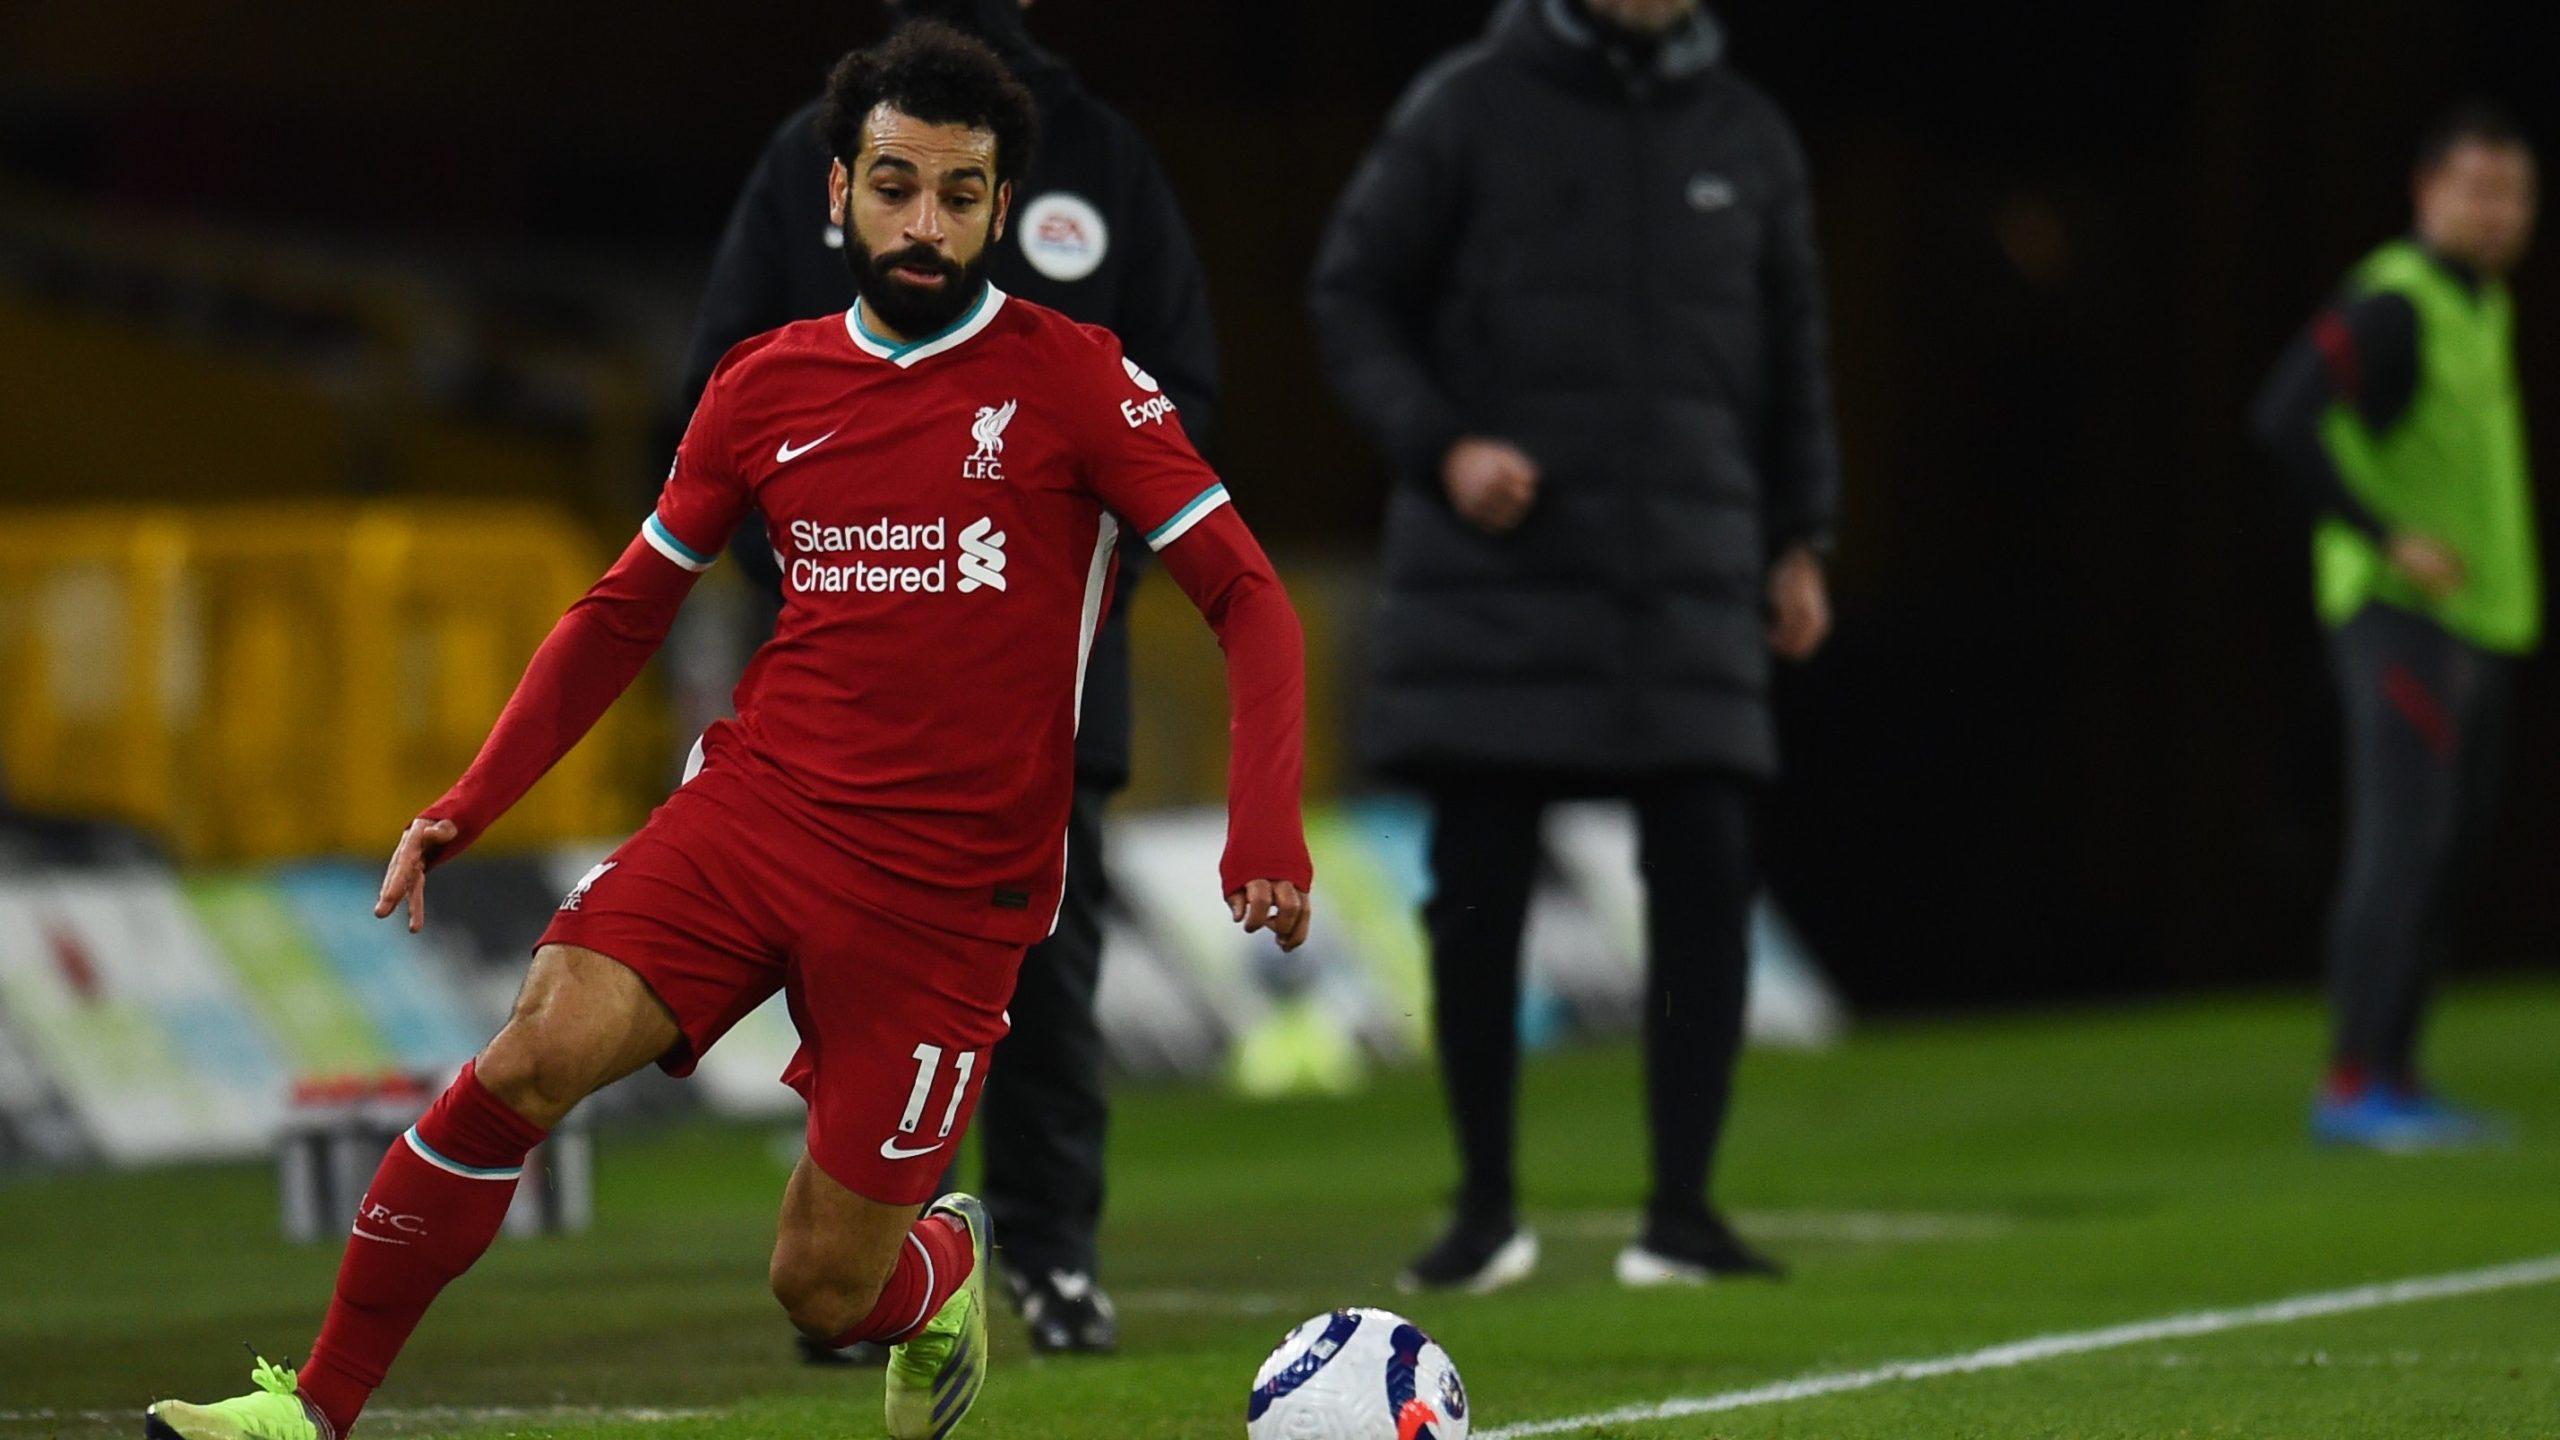 Salah on the ball